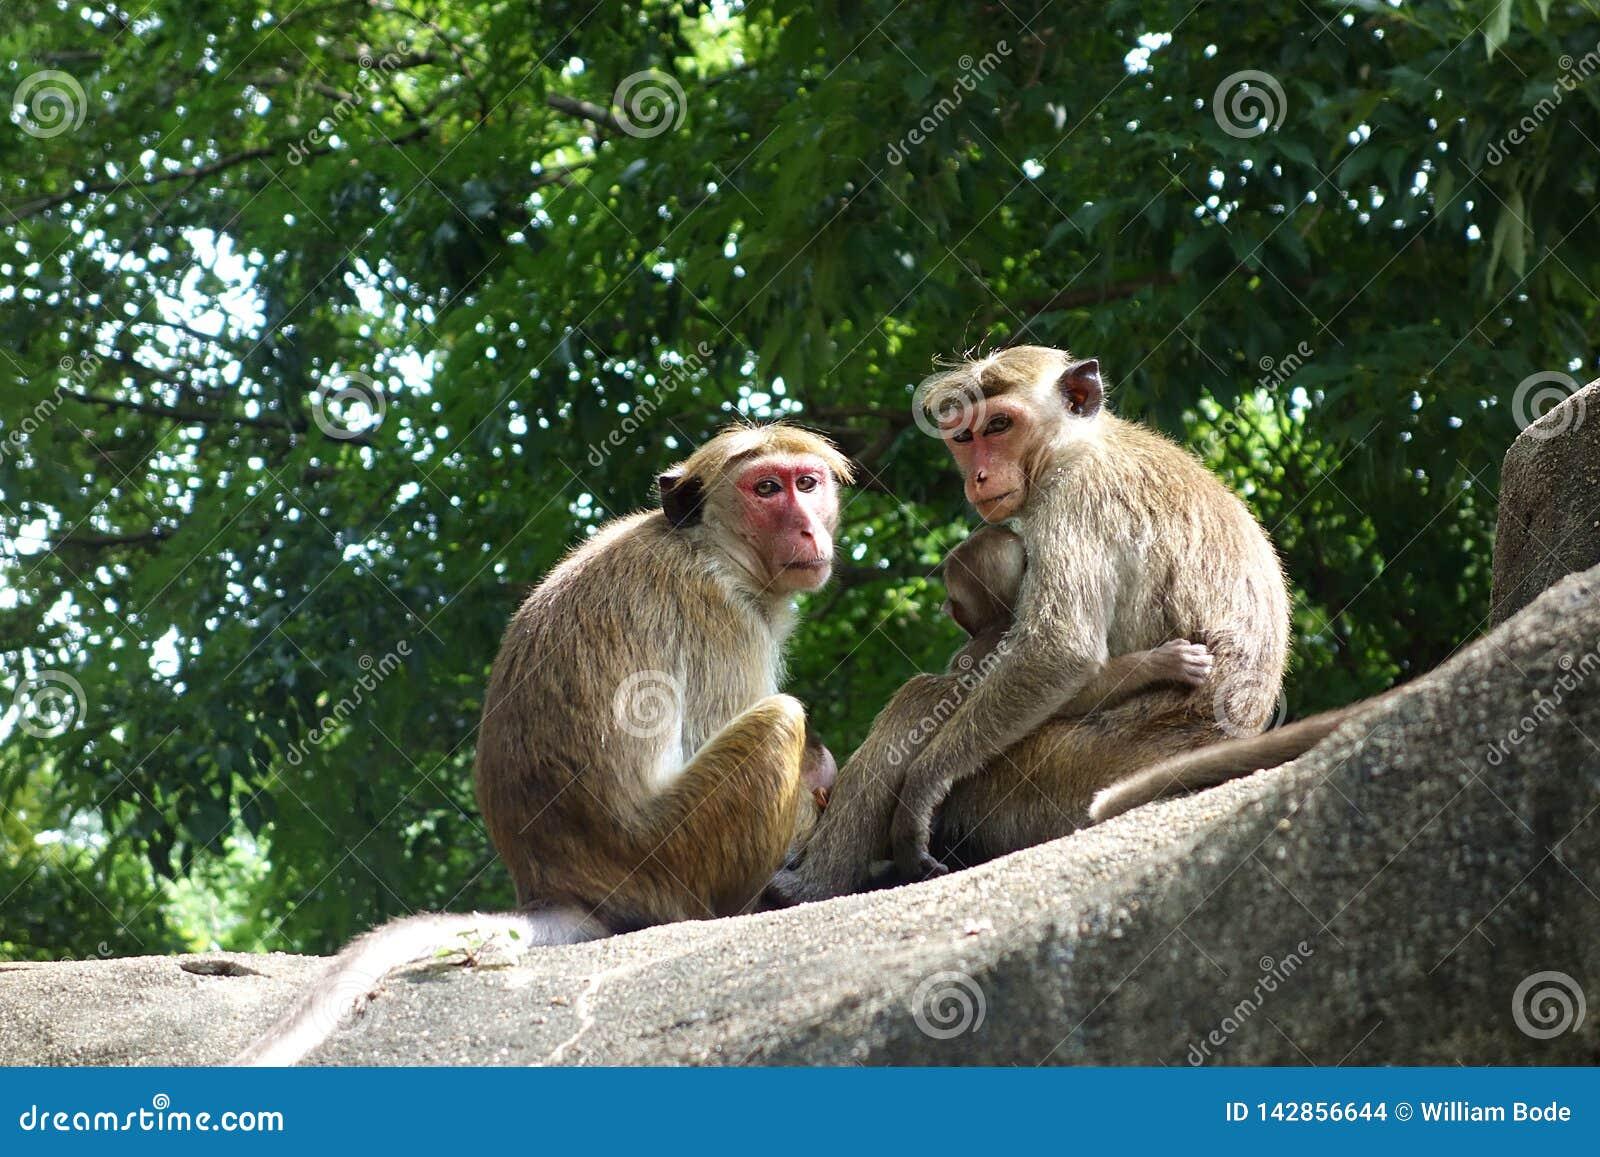 Family of Toque Macaque Monkeys Closeup